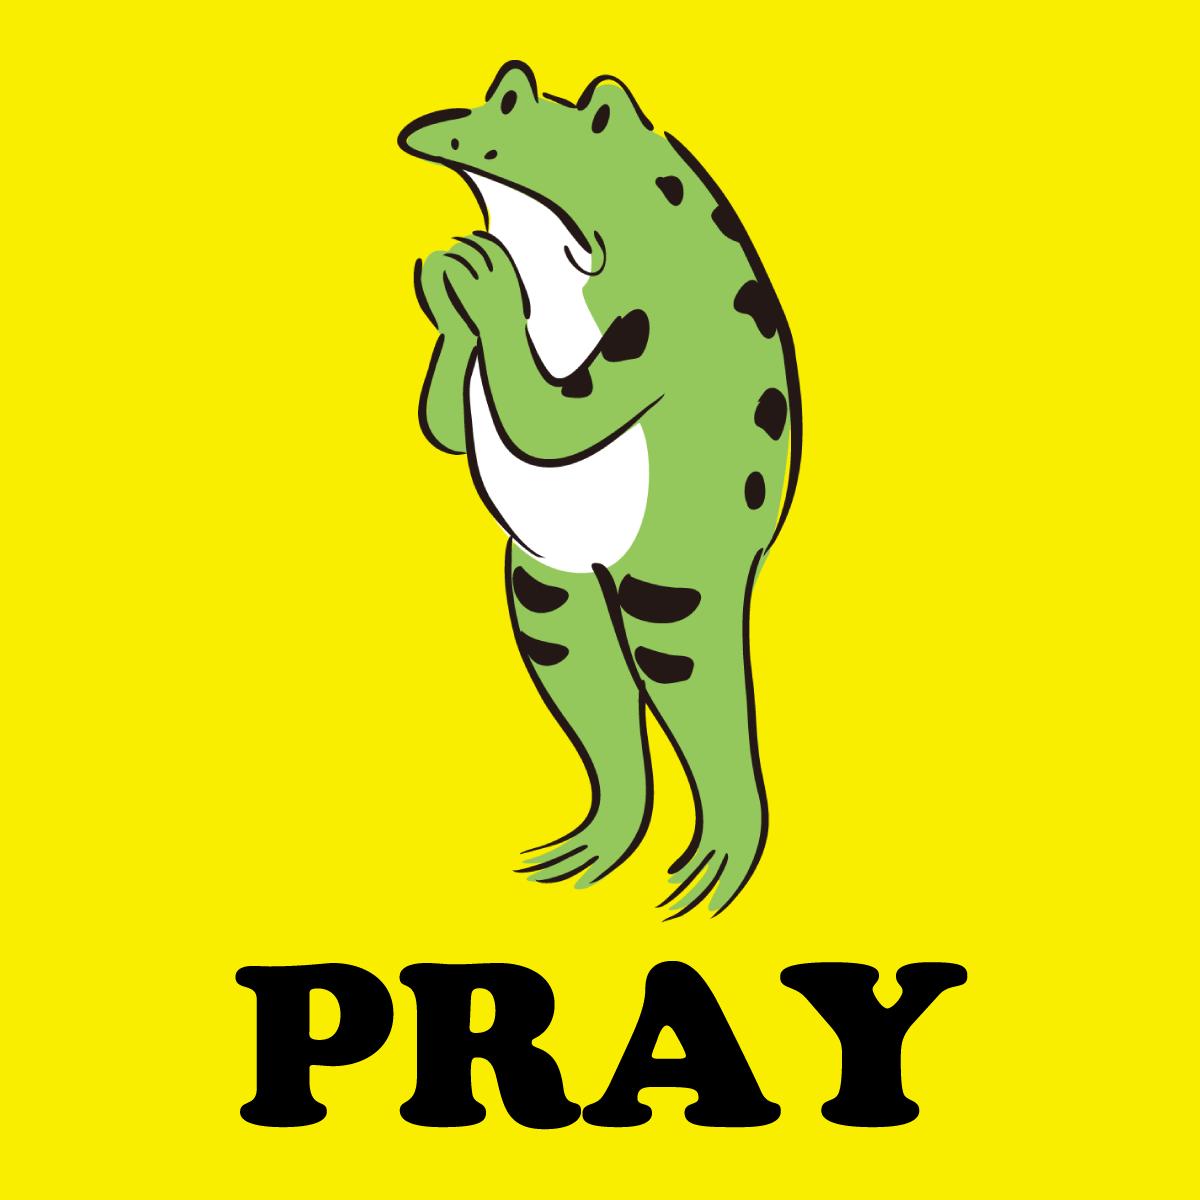 ローマ法王のお祈りアプリで『アプリで幸せは買えない』という言葉を思い出すのアイキャッチ